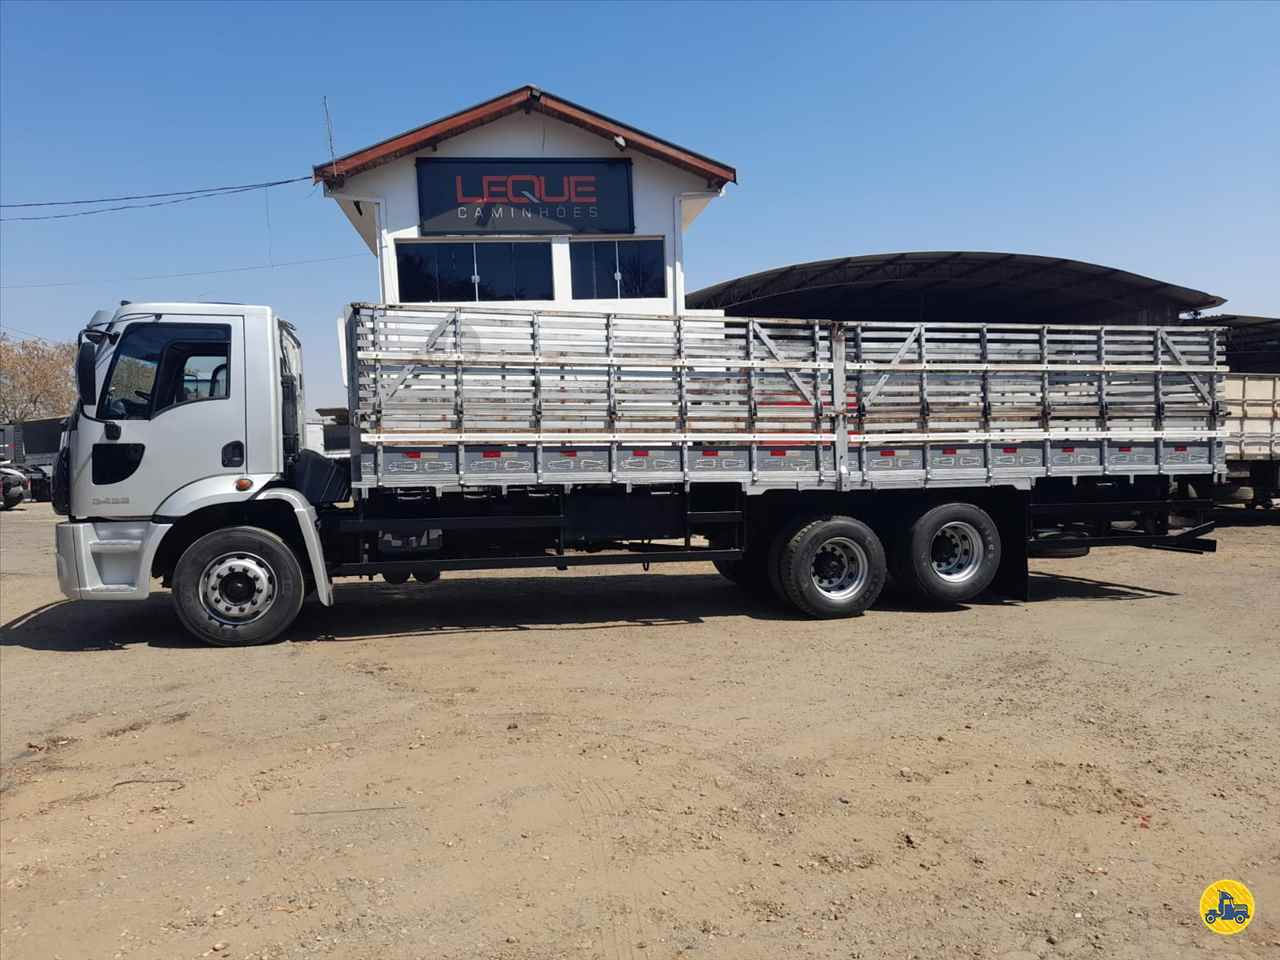 CAMINHAO FORD CARGO 2422 Carga Seca Truck 6x2 Leque Caminhões  PIRACICABA SÃO PAULO SP